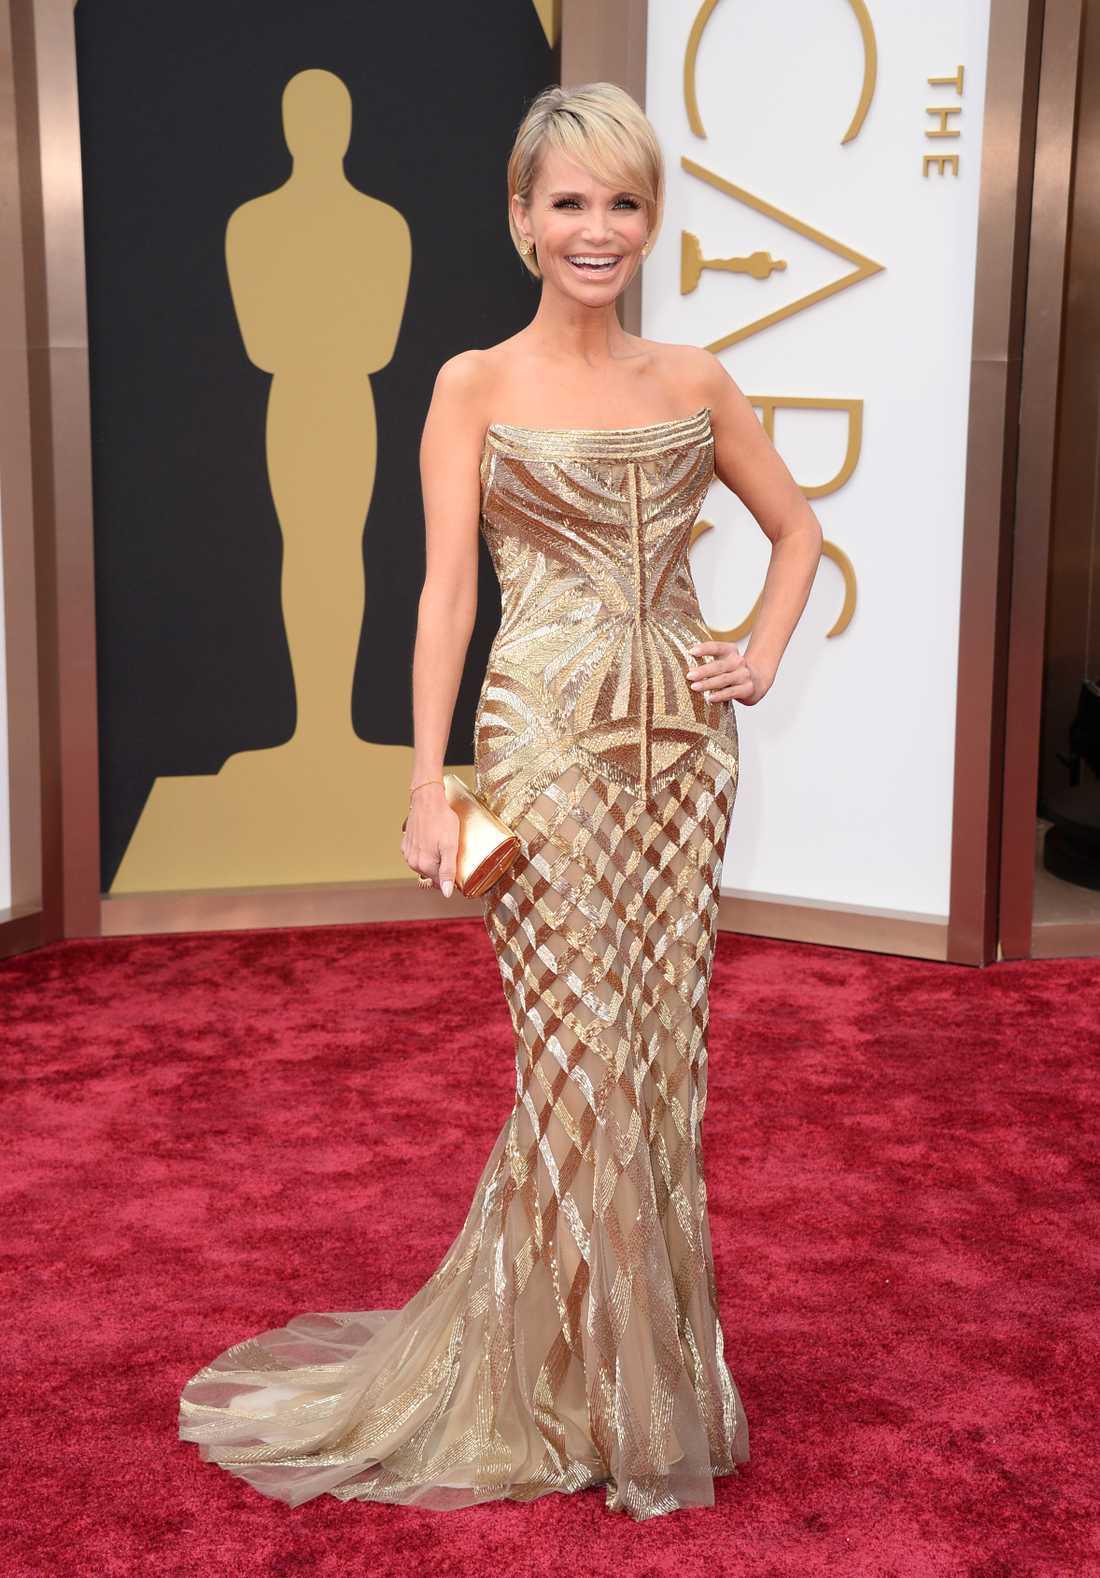 """+++++ Kristin Chenoweth: """"Golden girl! Wow! Kristin Chenoweth ser nästan själv ut som en statyett. Metallic är stort i år och guld passar sannerligen en kväll som denna, modellen och detaljerna är fantastiska. Läckert från Roberto Cavalli!"""""""